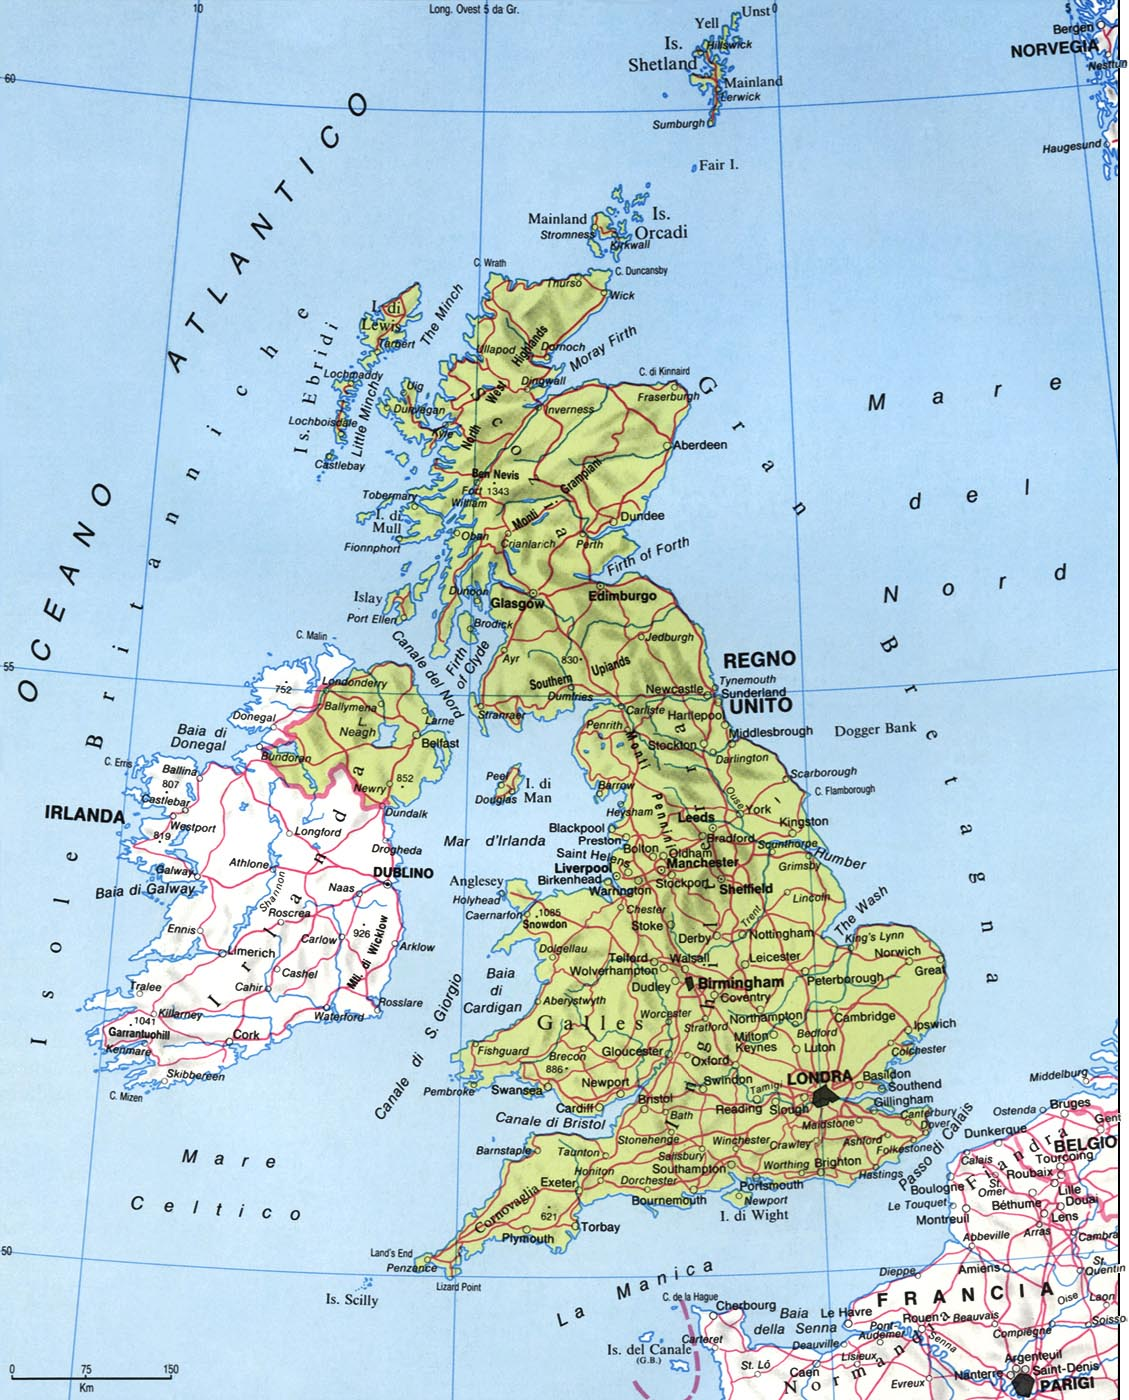 Cartina Geografica Gran Bretagna E Irlanda.Europa Territorio Storia Economia Regno Unito Di Gran Bretagna E Irlanda Del Nord